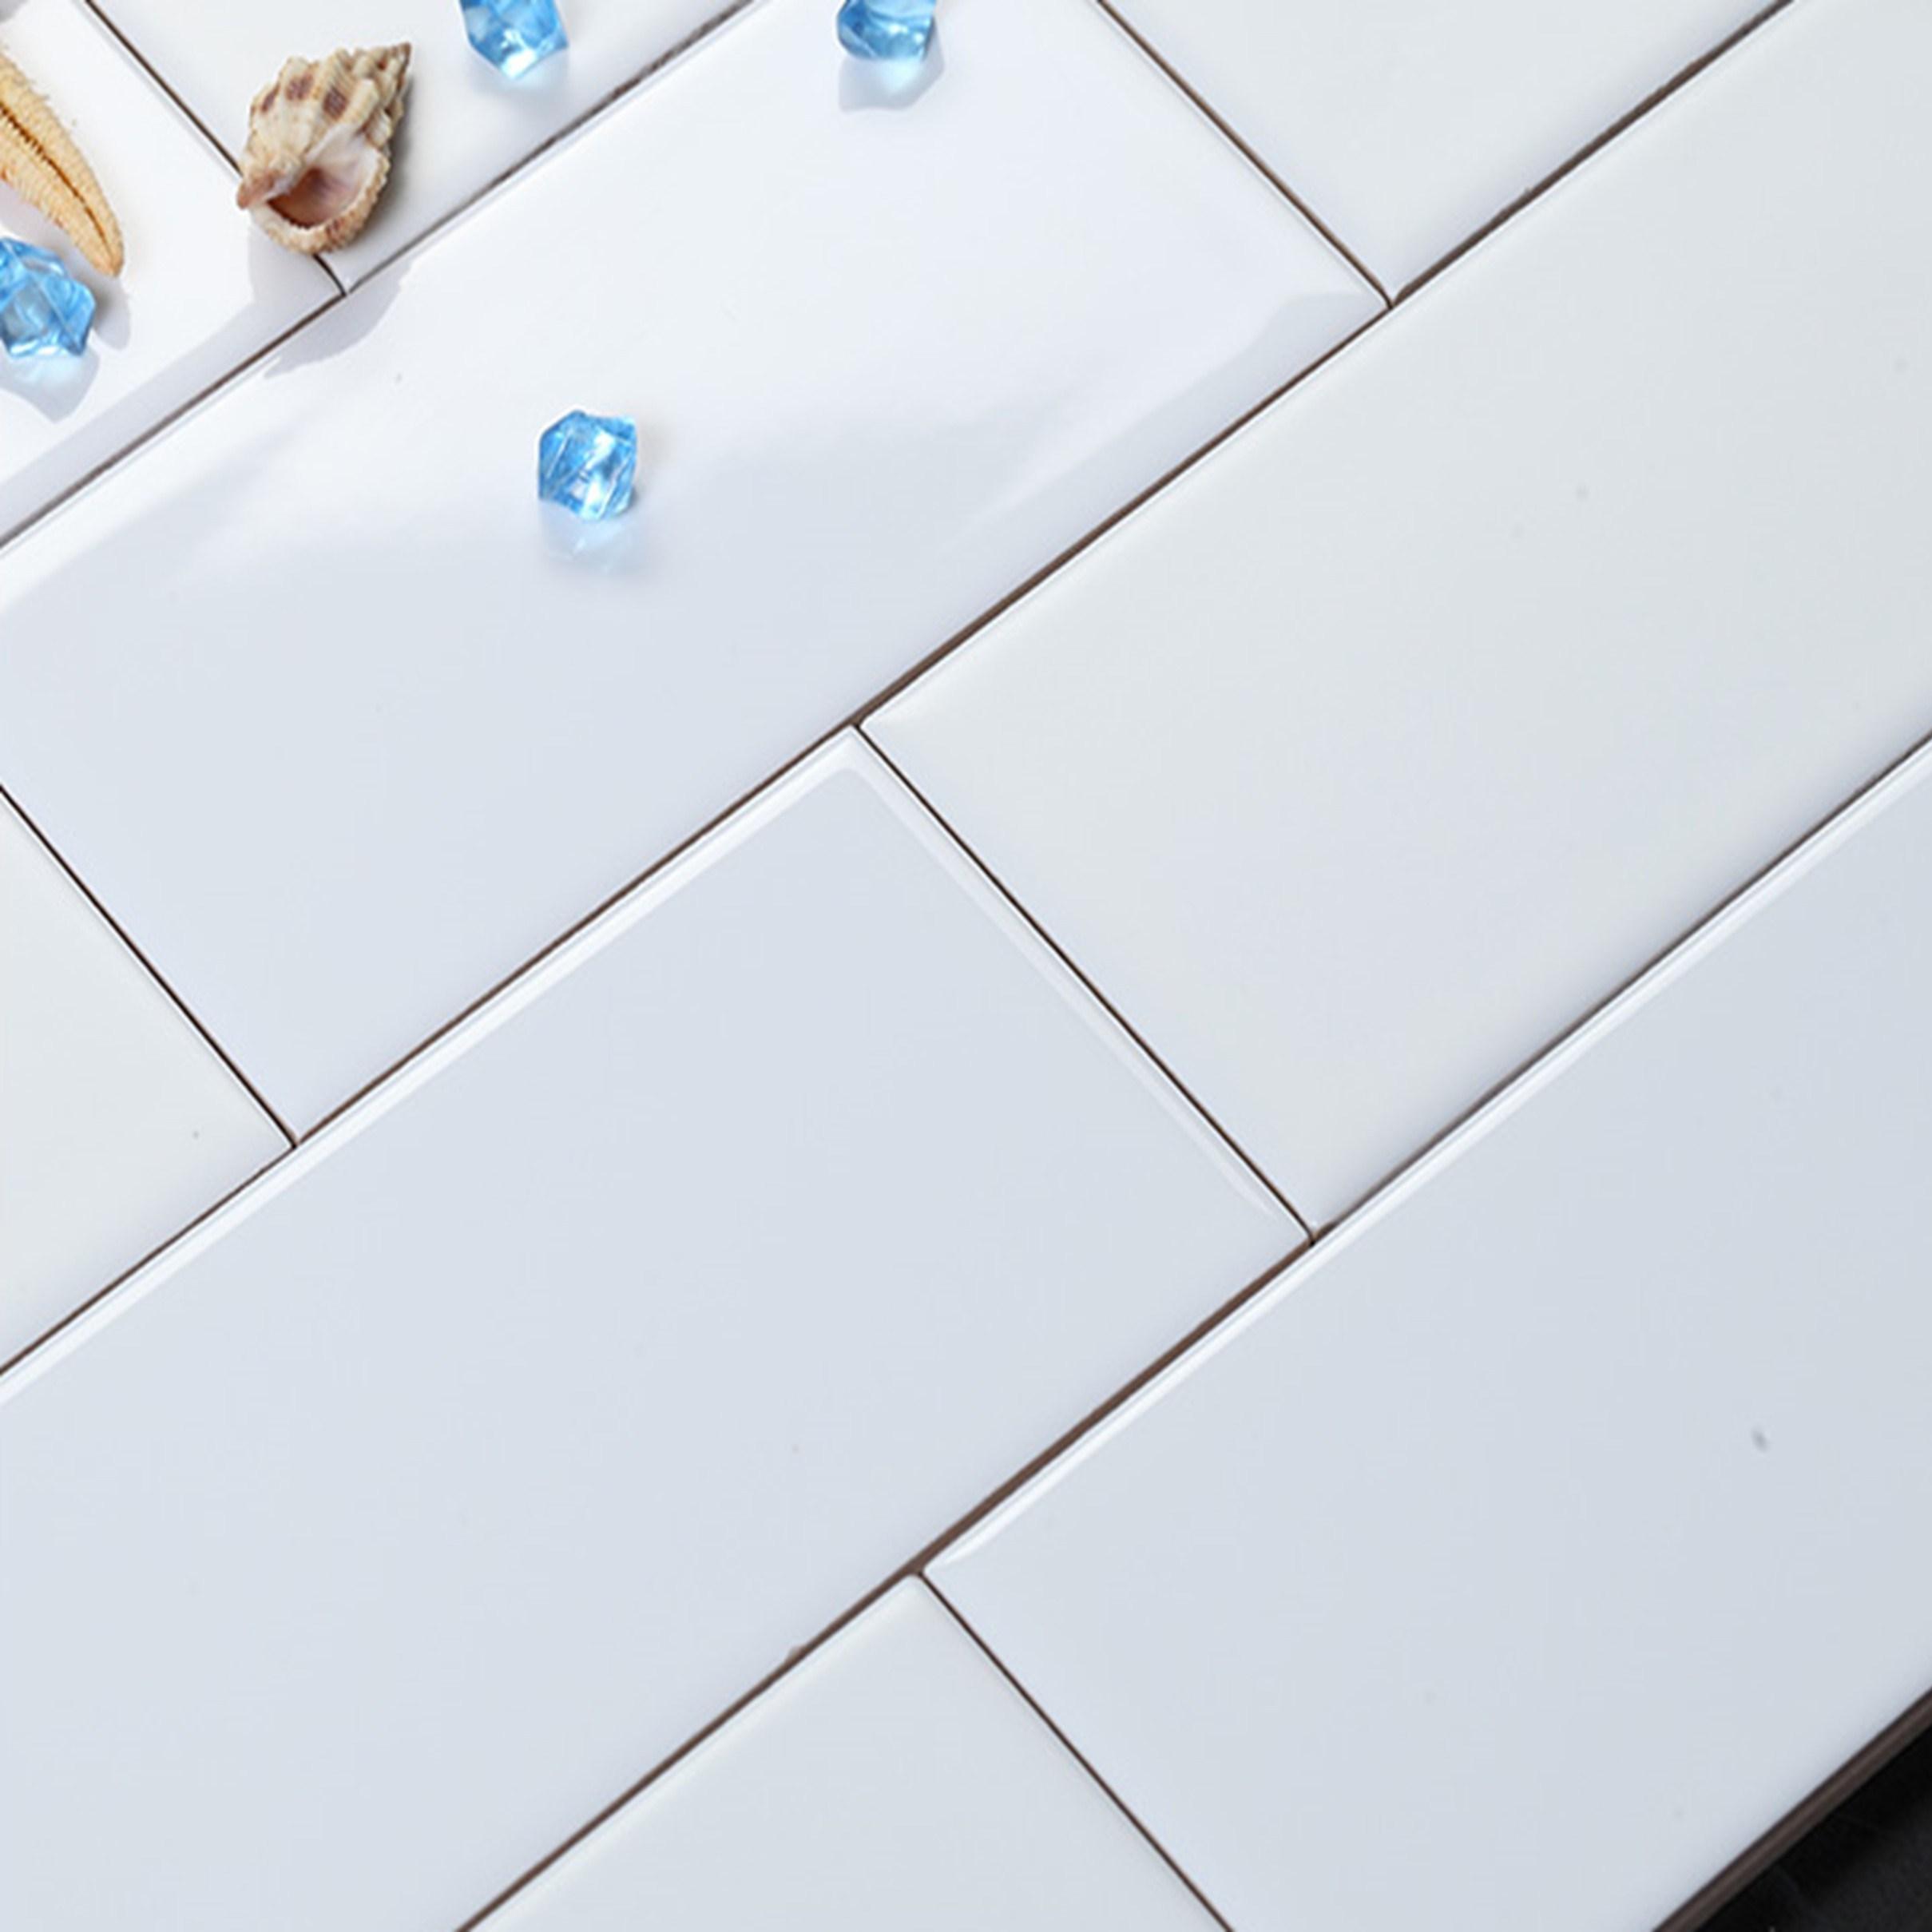 이레타일 도기질타일 주방벽타일 욕실벽타일 매장벽타일 화장실벽타일 벽타일 (100X200), 화이트(민자) 25장